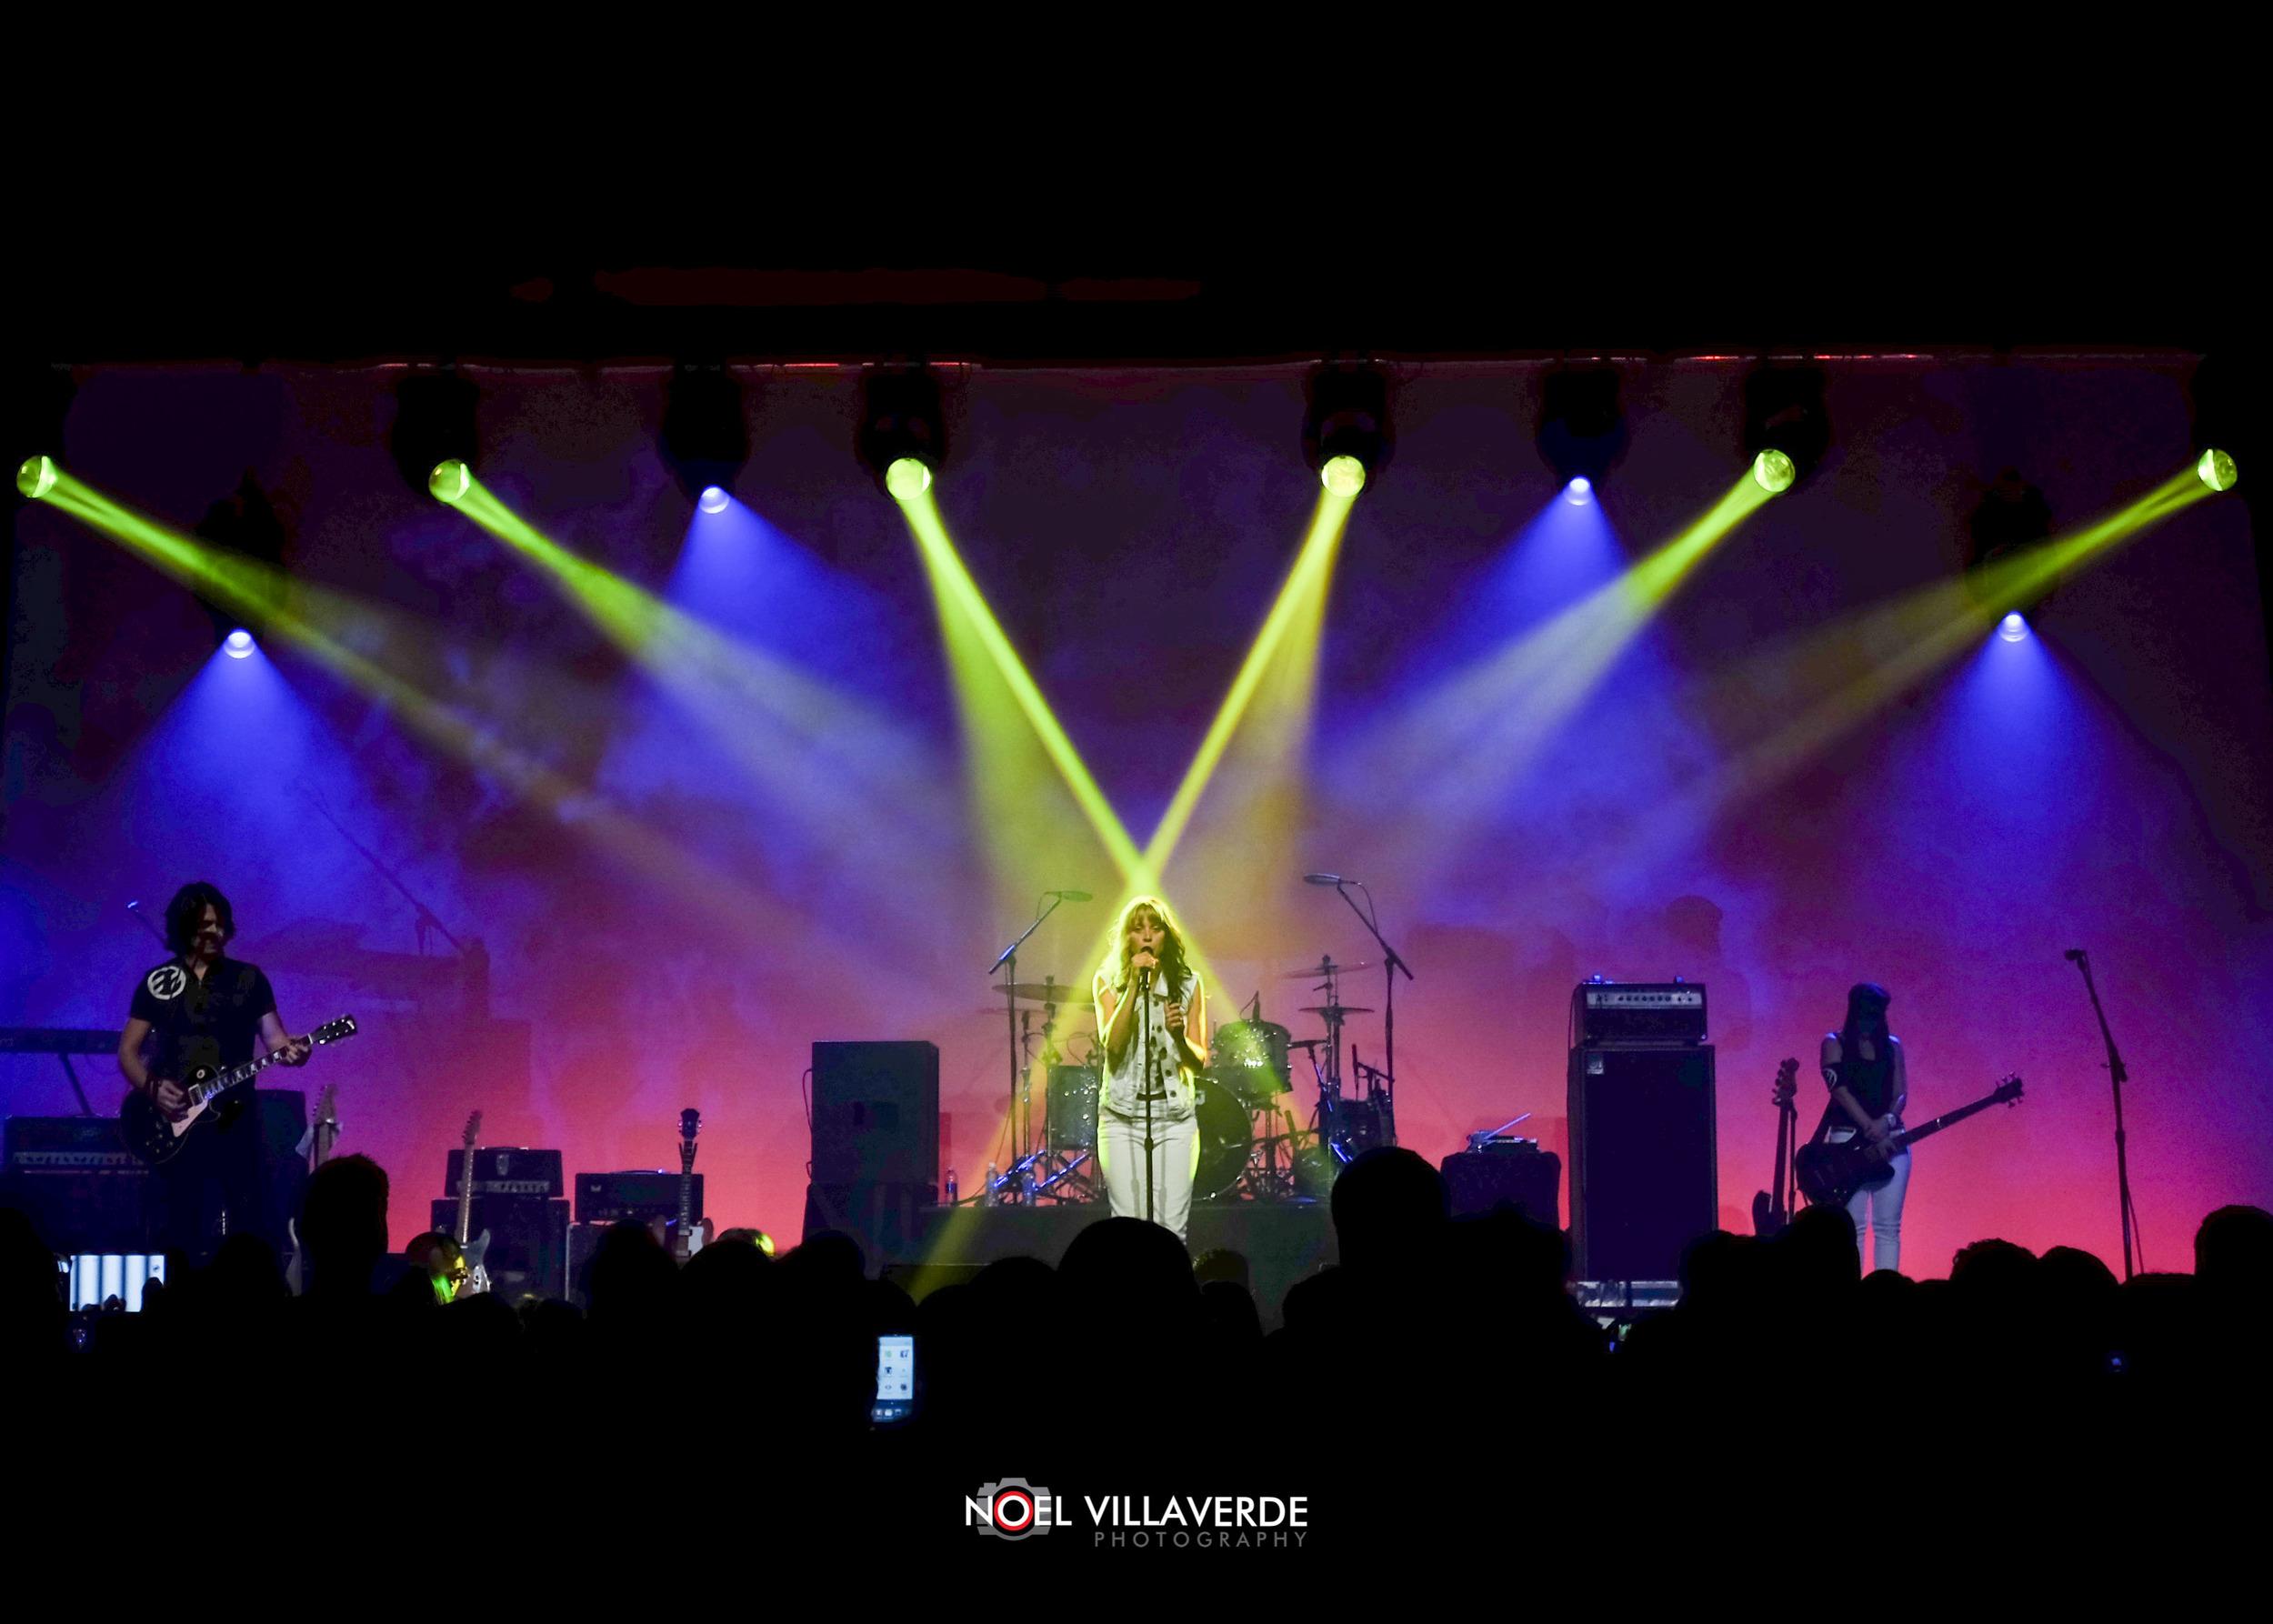 Ignition_Concert-17.jpg